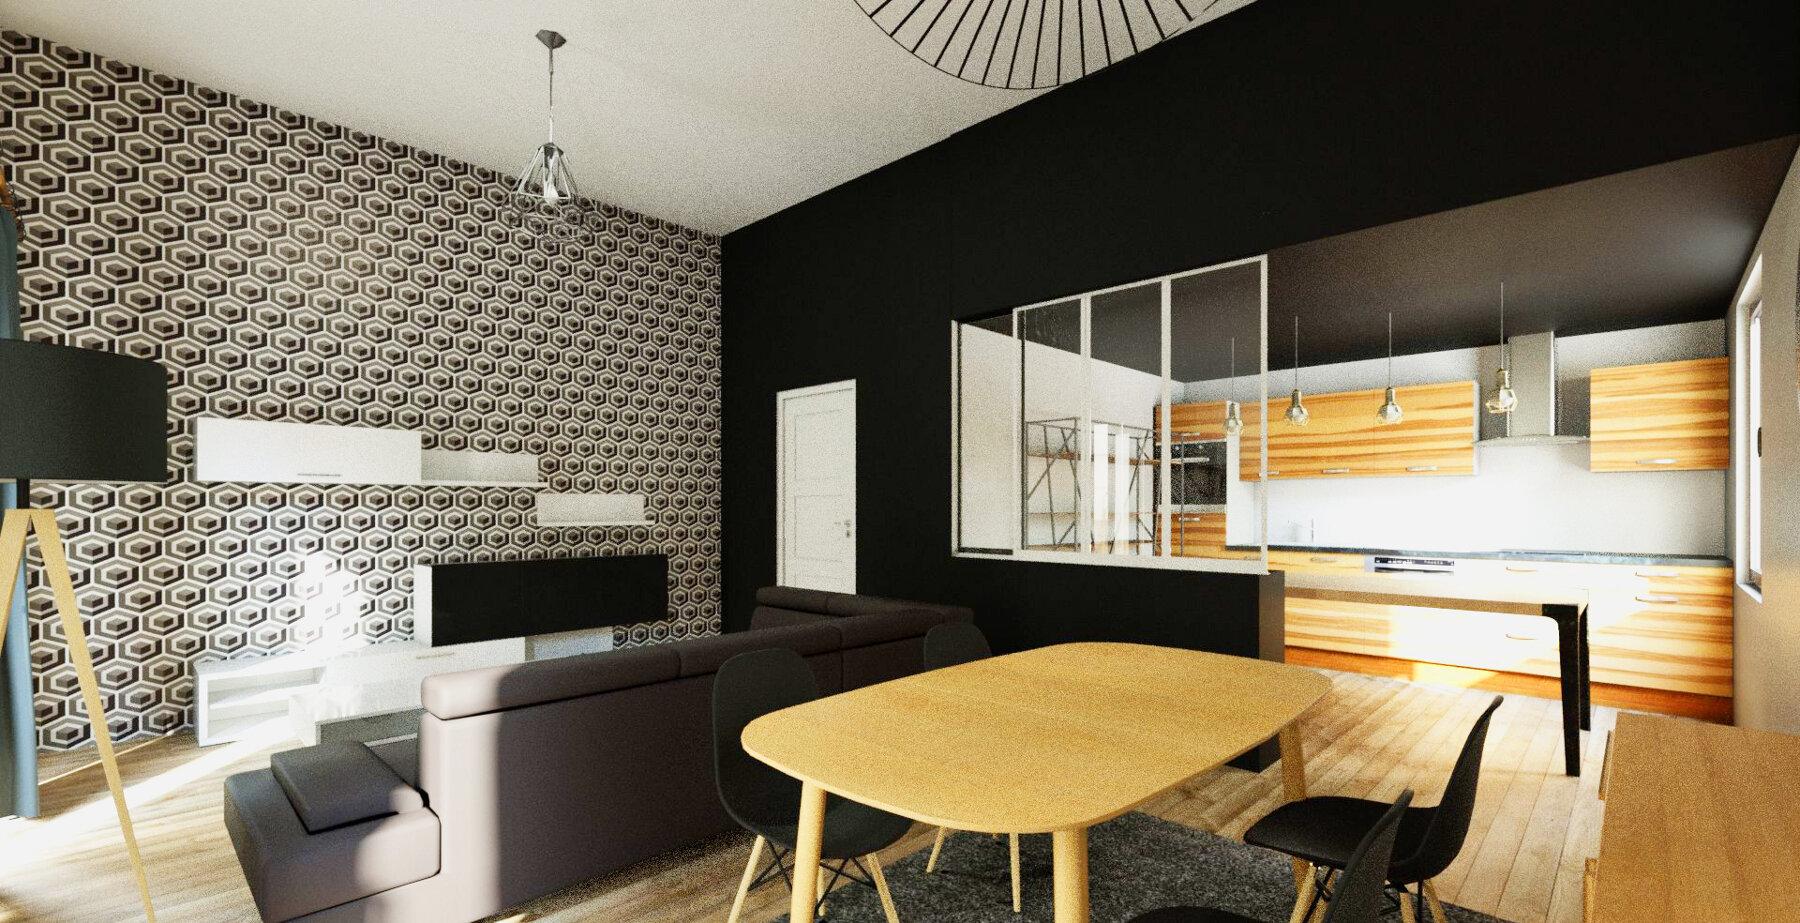 Réaménagement intérieur - Maison individuelle par un architecte Archidvisor